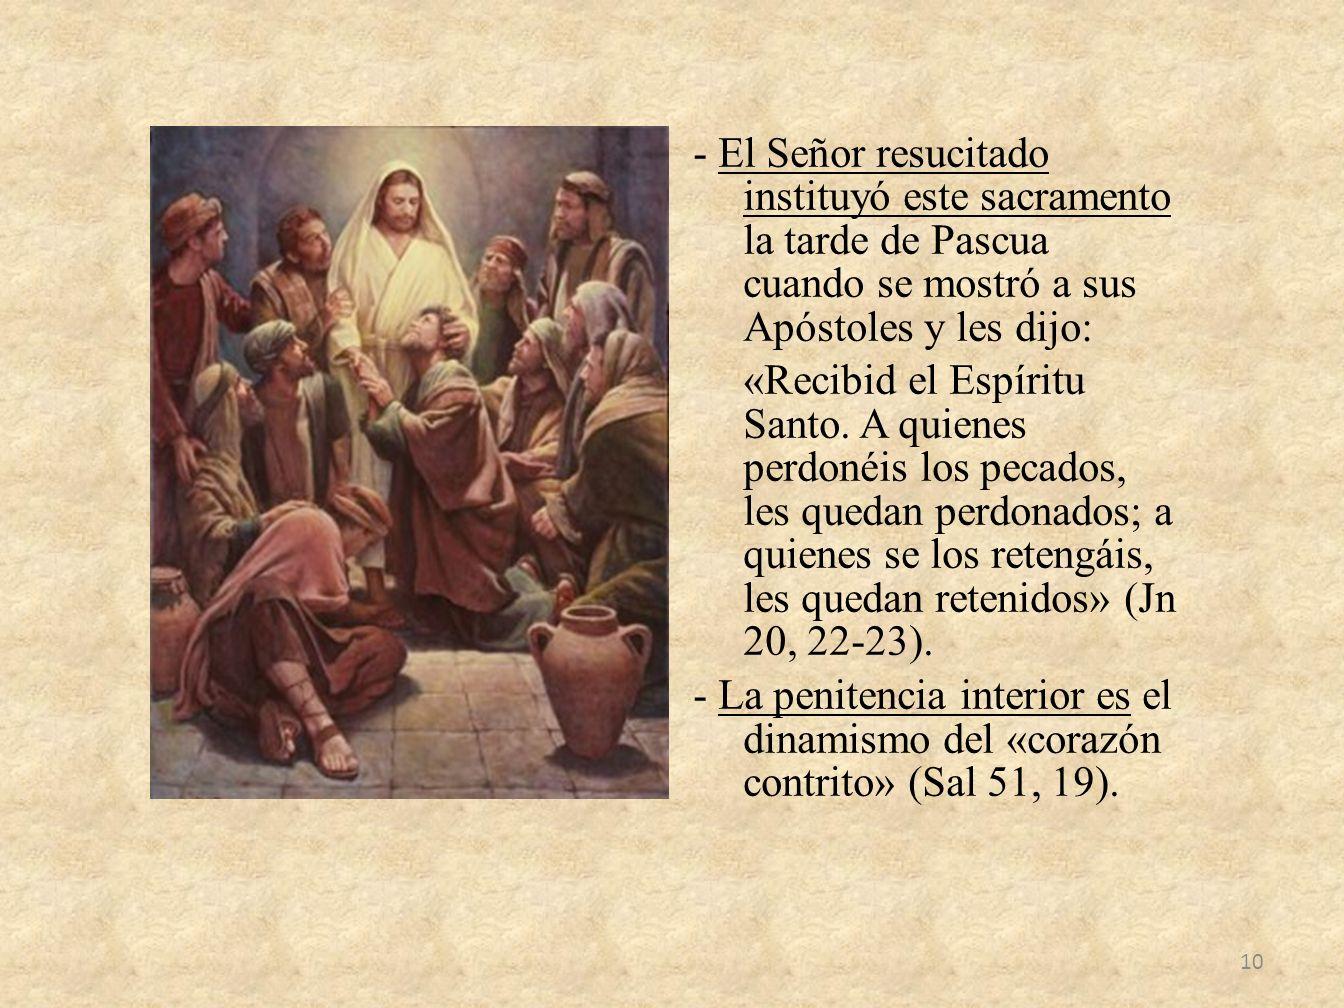 - El Señor resucitado instituyó este sacramento la tarde de Pascua cuando se mostró a sus Apóstoles y les dijo: «Recibid el Espíritu Santo.